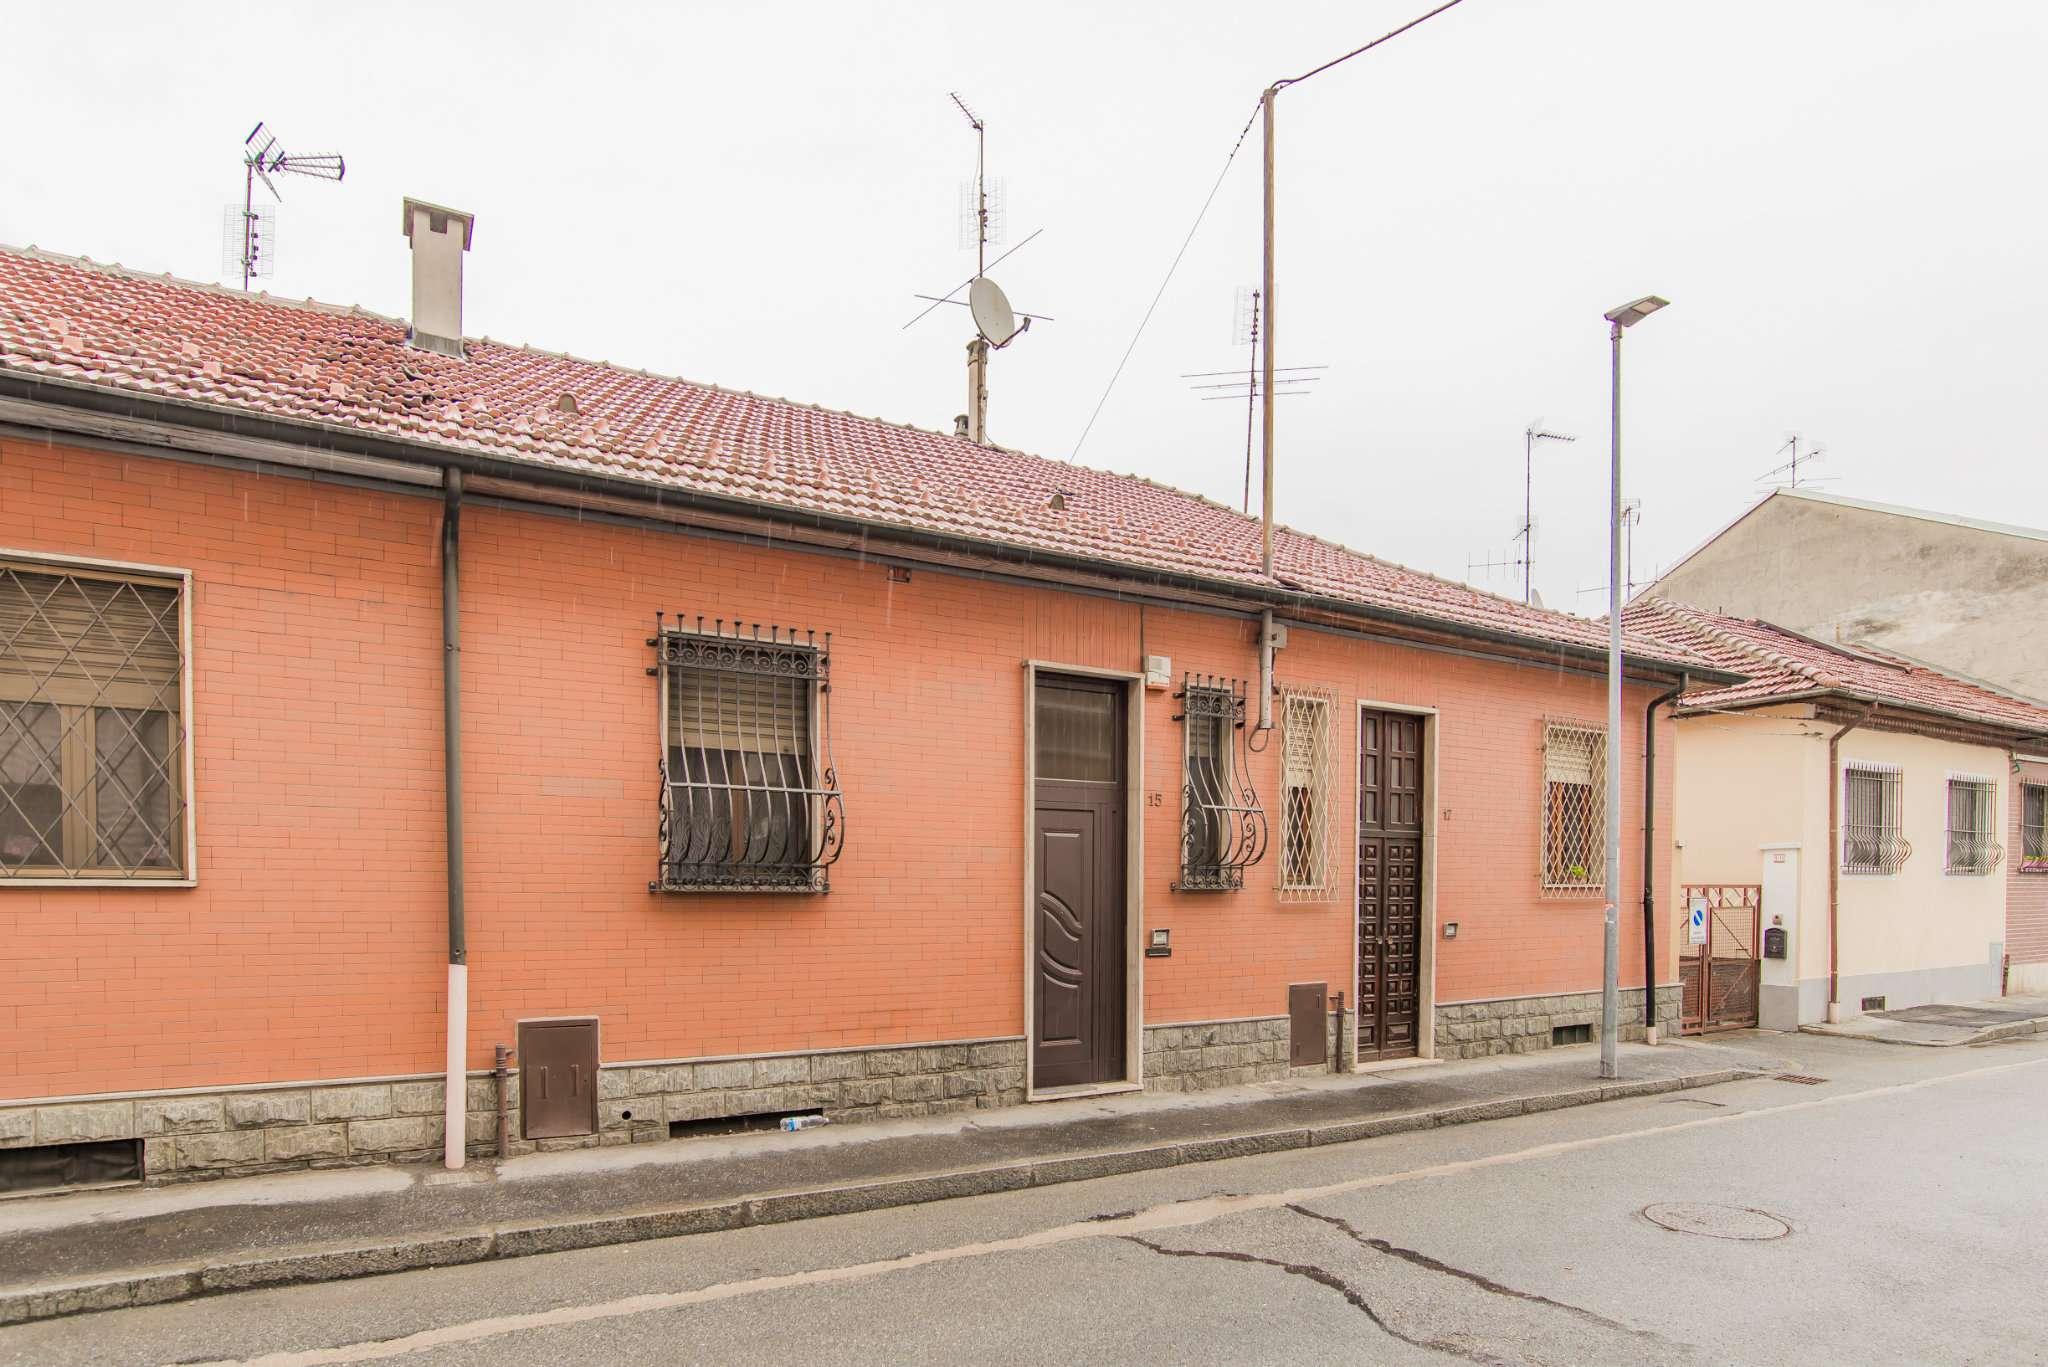 Villetta a Schiera in vendita via Puccini 17 Nichelino